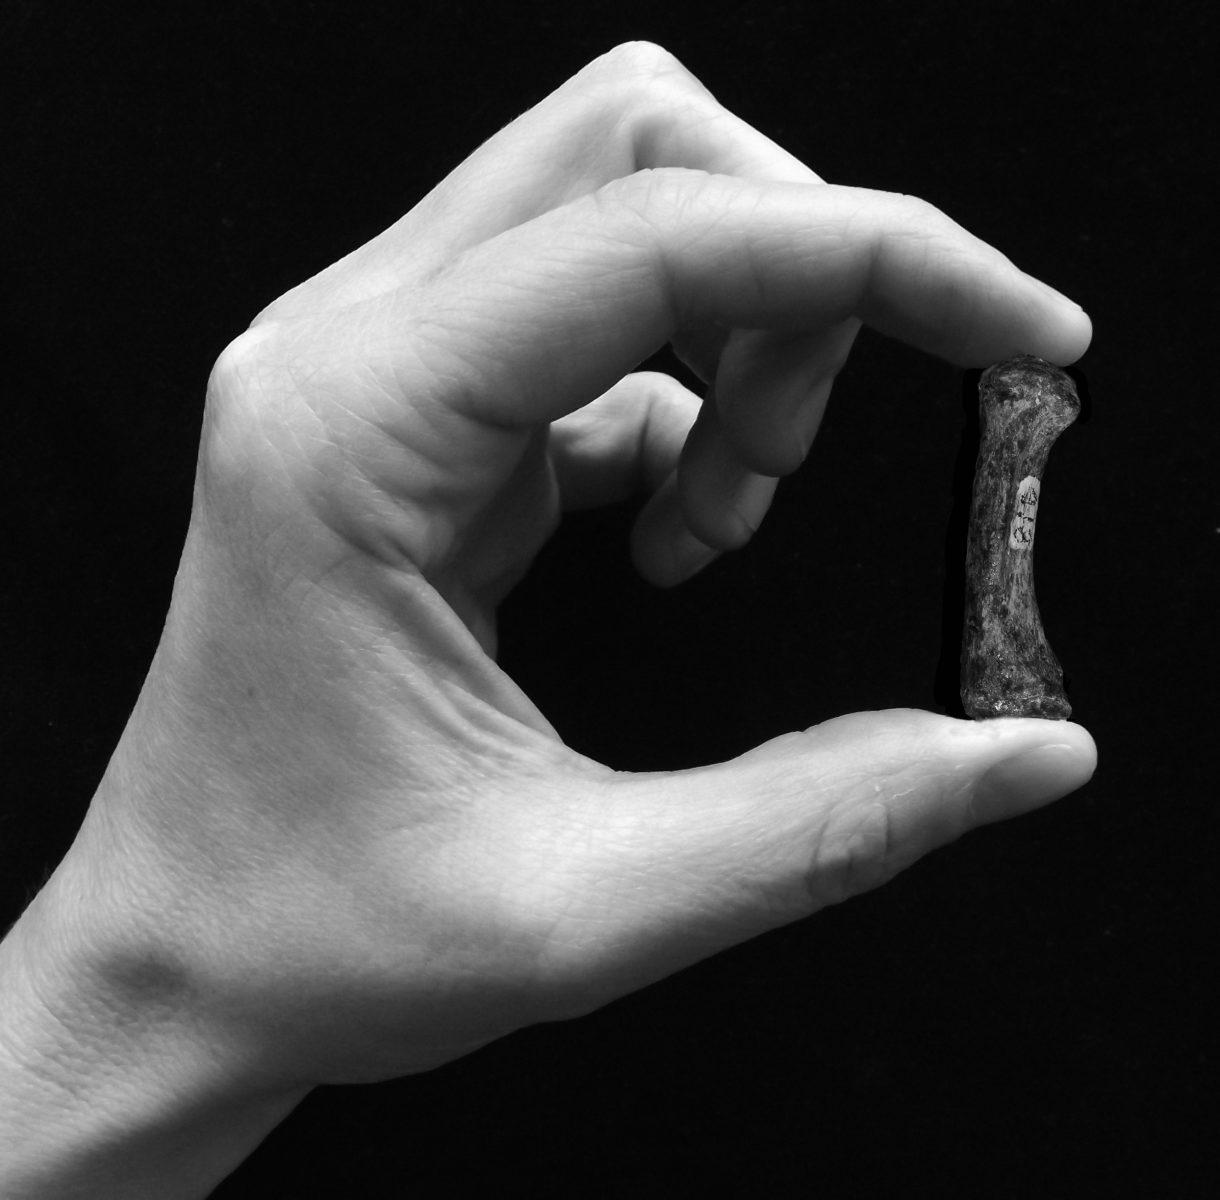 pollice opponibile autralopitechi